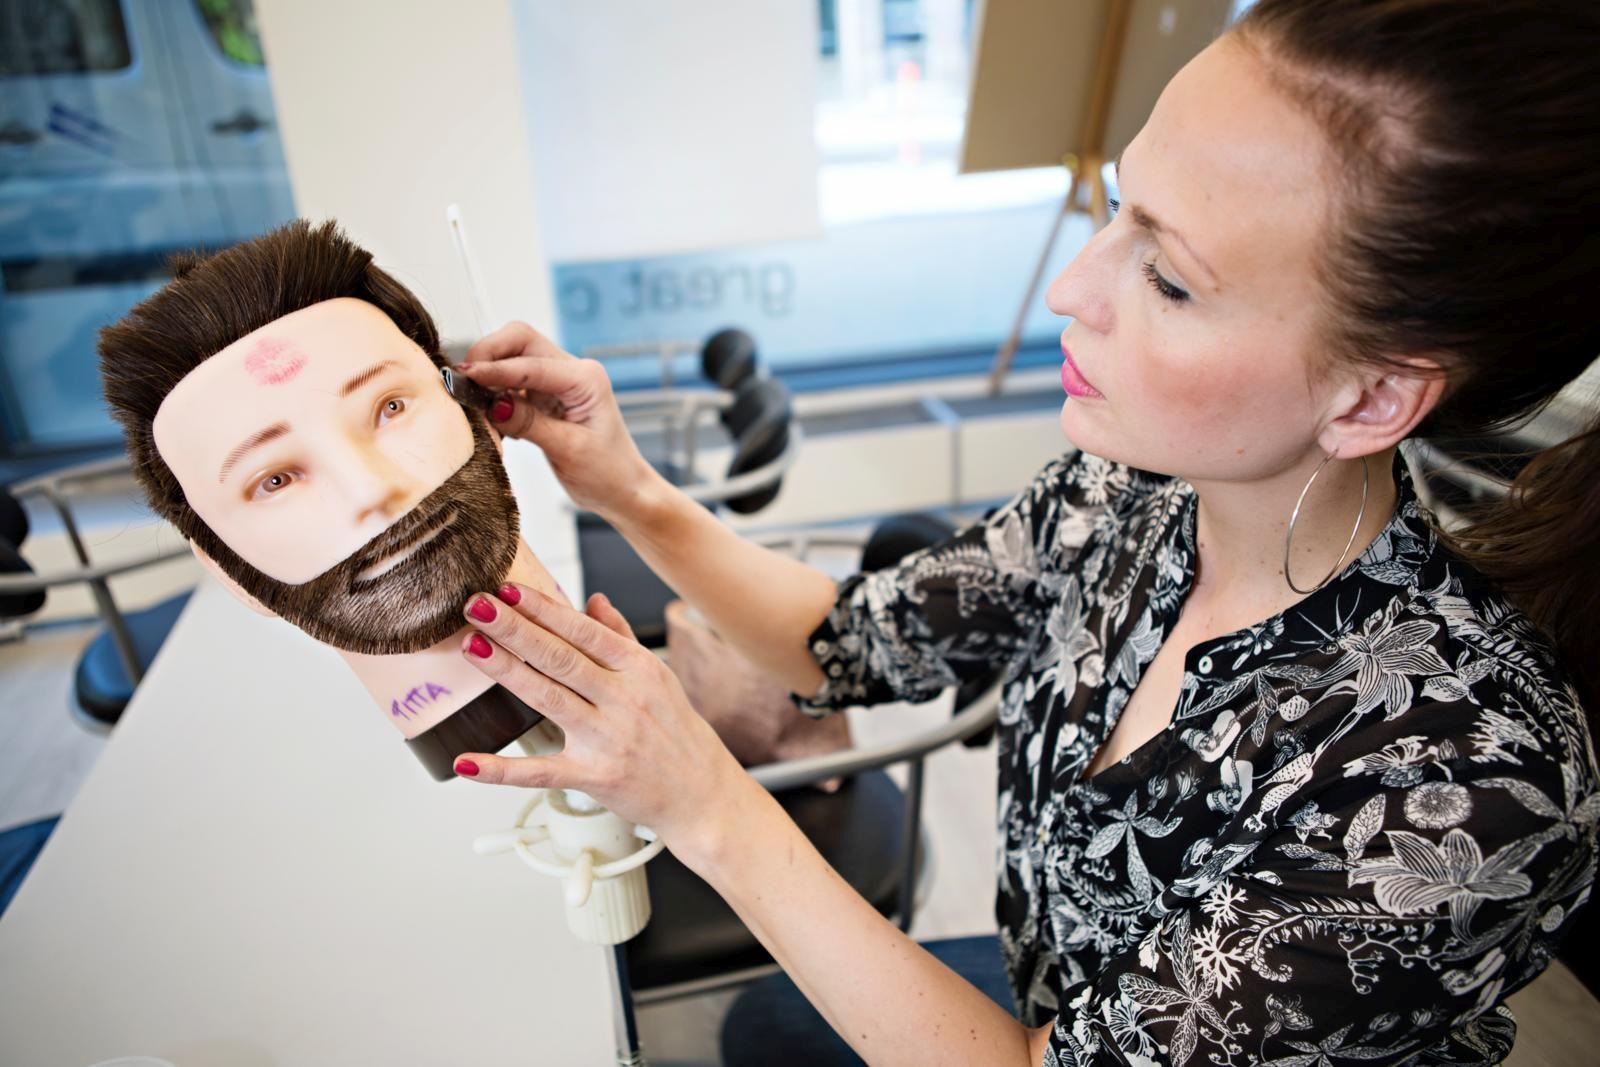 Harjoituspäässä on ollut ties kuinka monta hiusmallia Titta Tervosen opiskelujan aikana. Kuva:Eeva Anundi